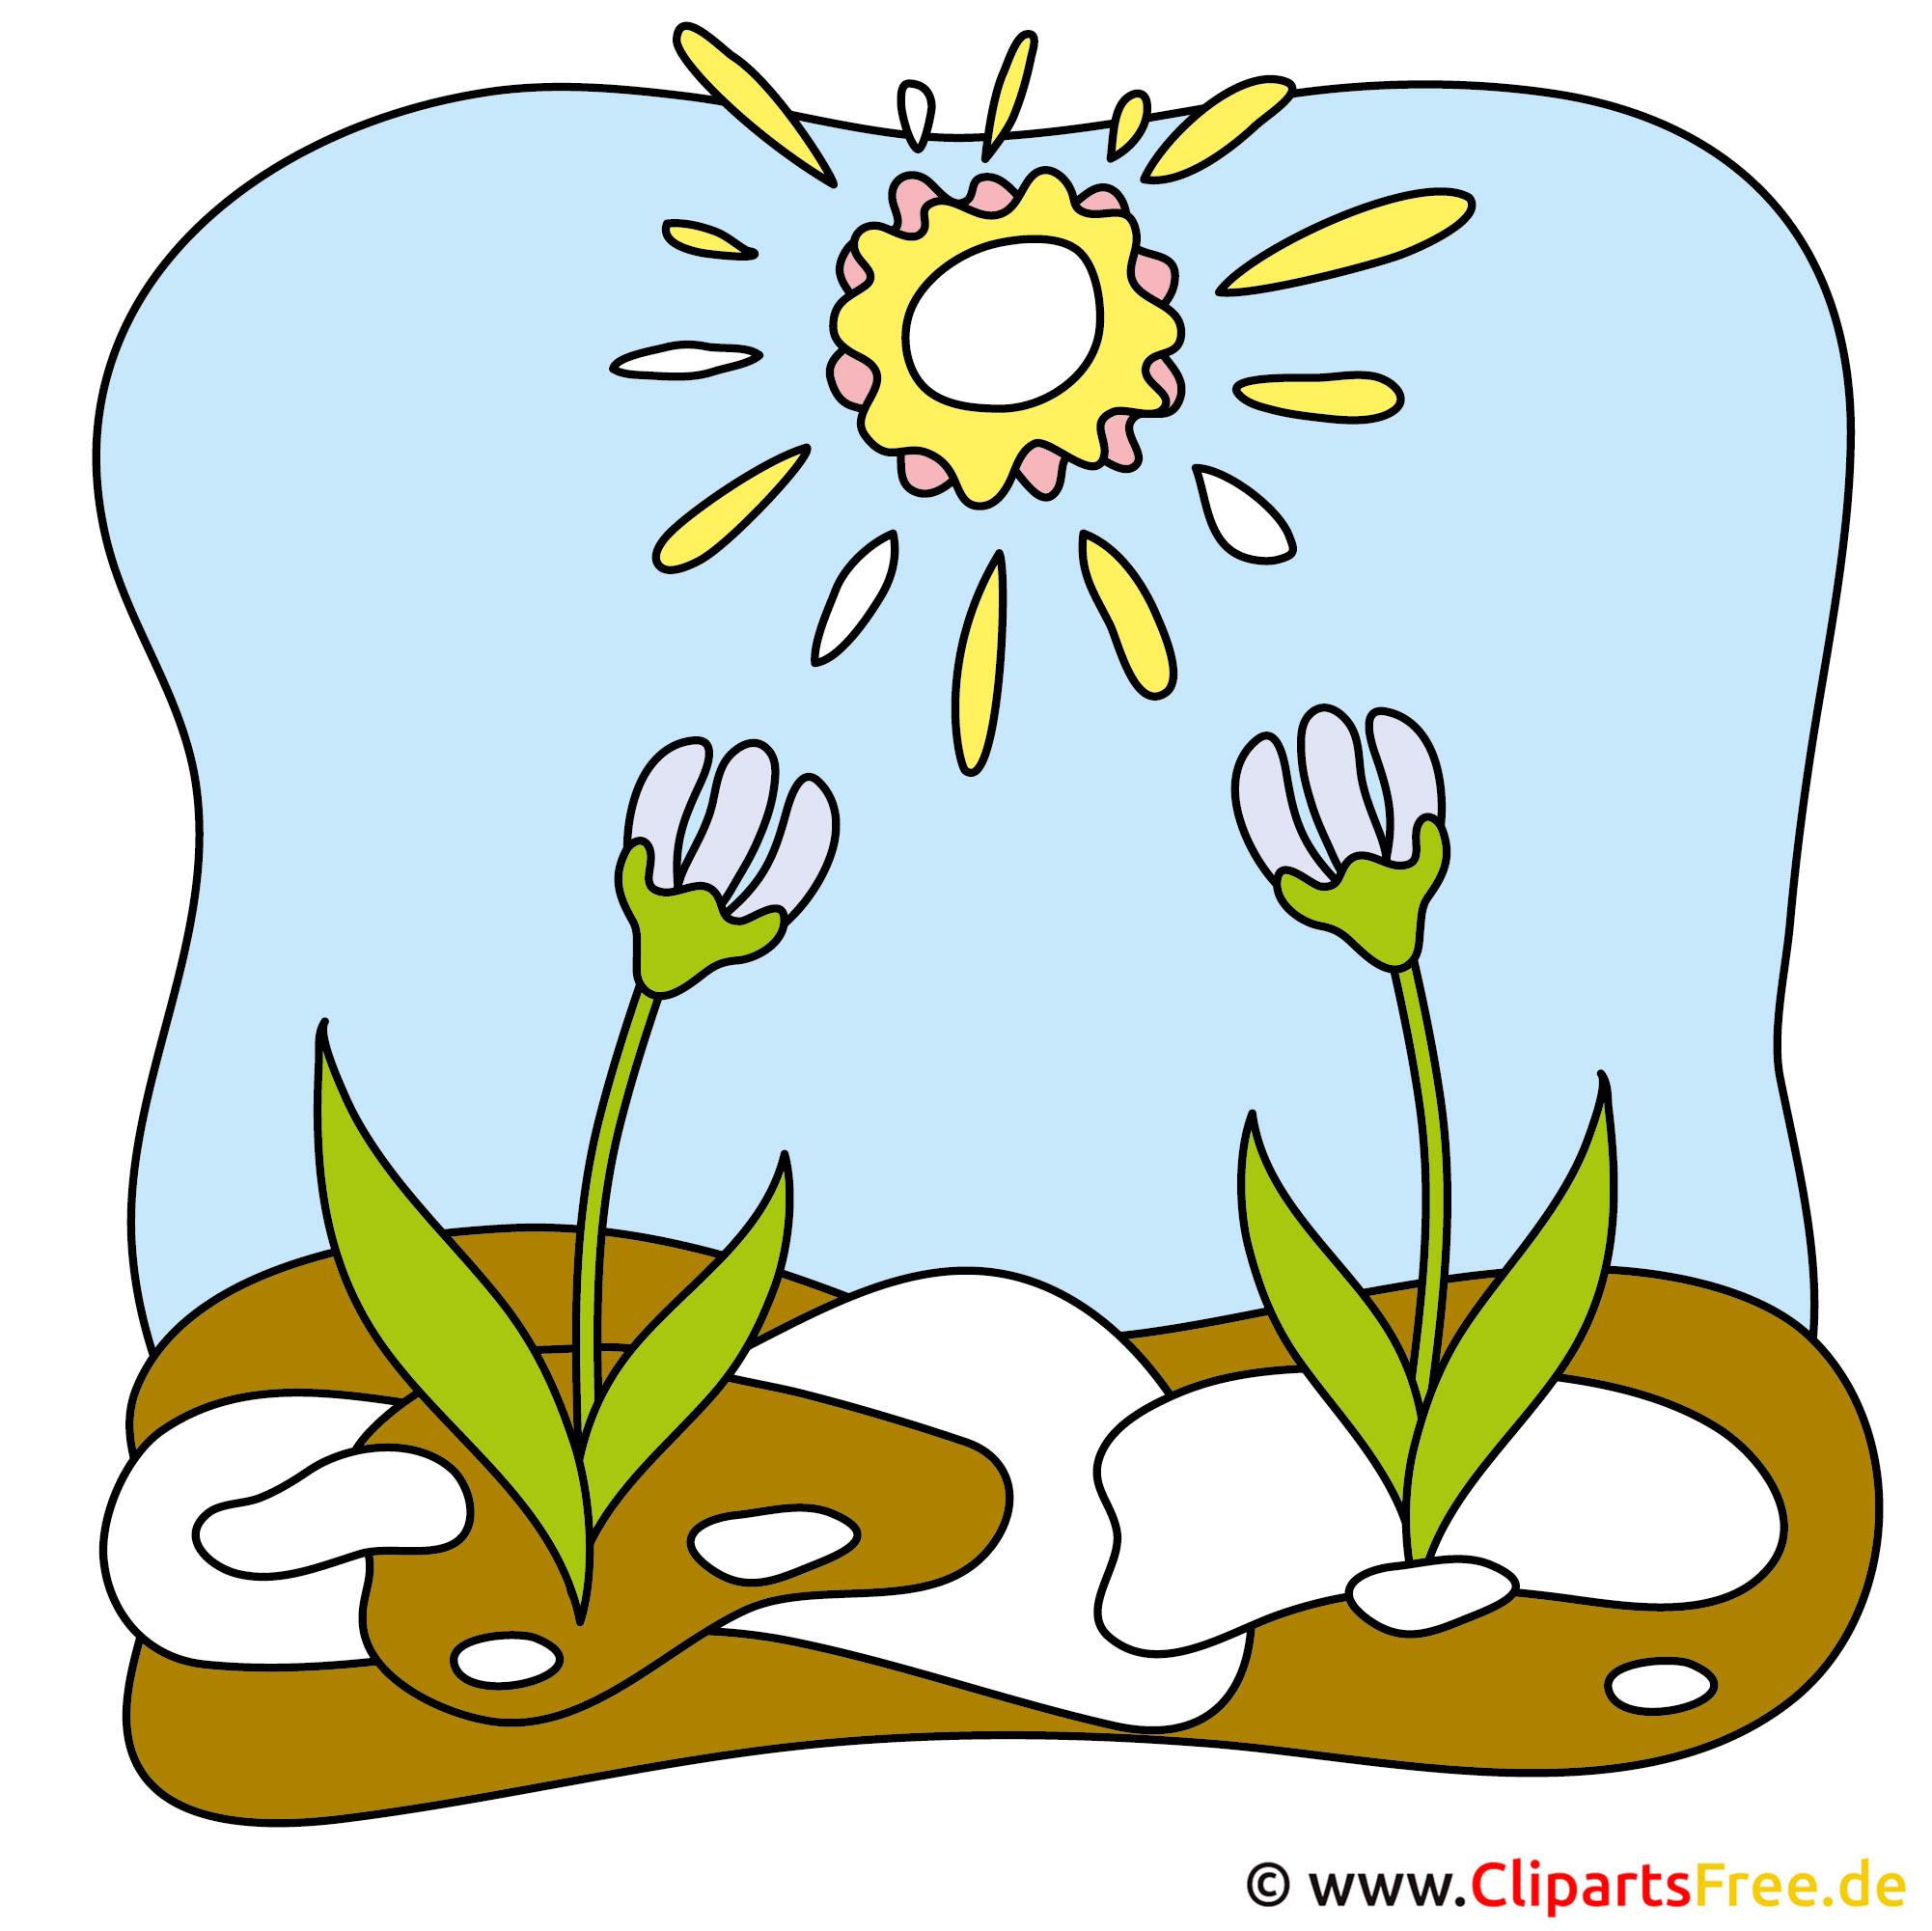 Stiefmuetterchen Bild - Frühling Bilder kostenlos